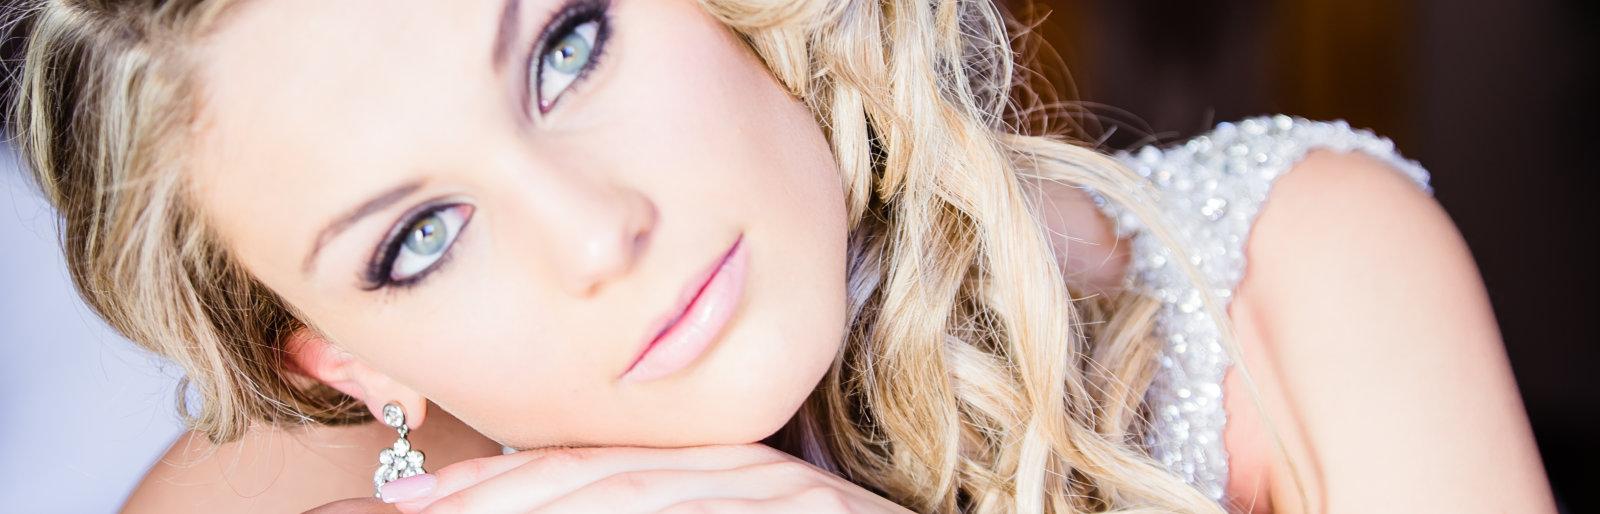 Janike Steyn